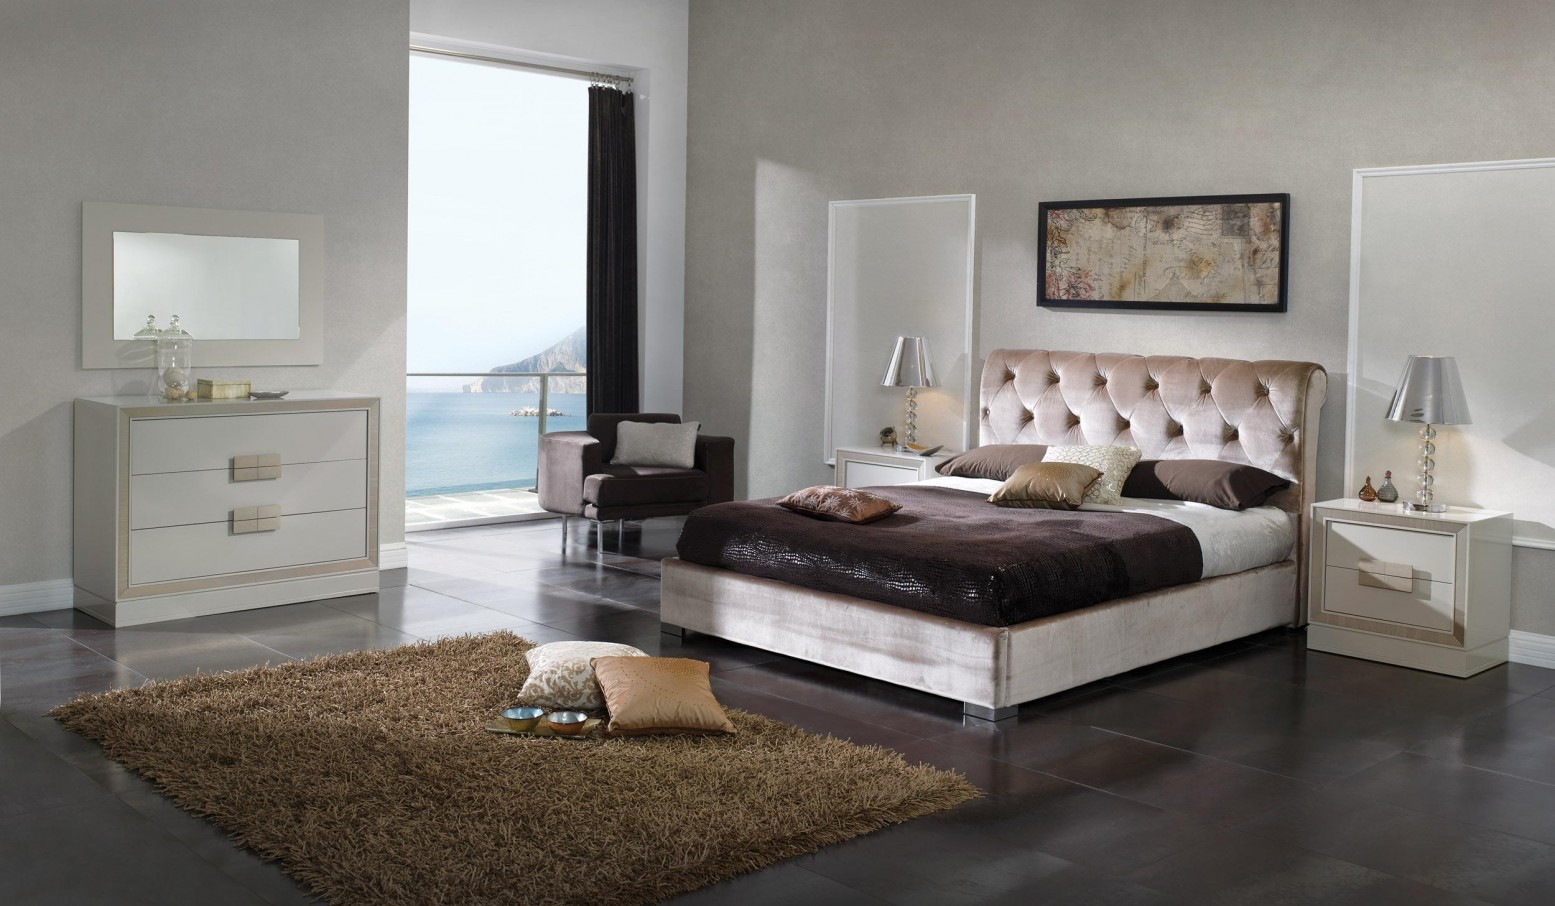 Miriam 3 Piece Queen Size Storage Bedroom Set Buy Online At Best Price